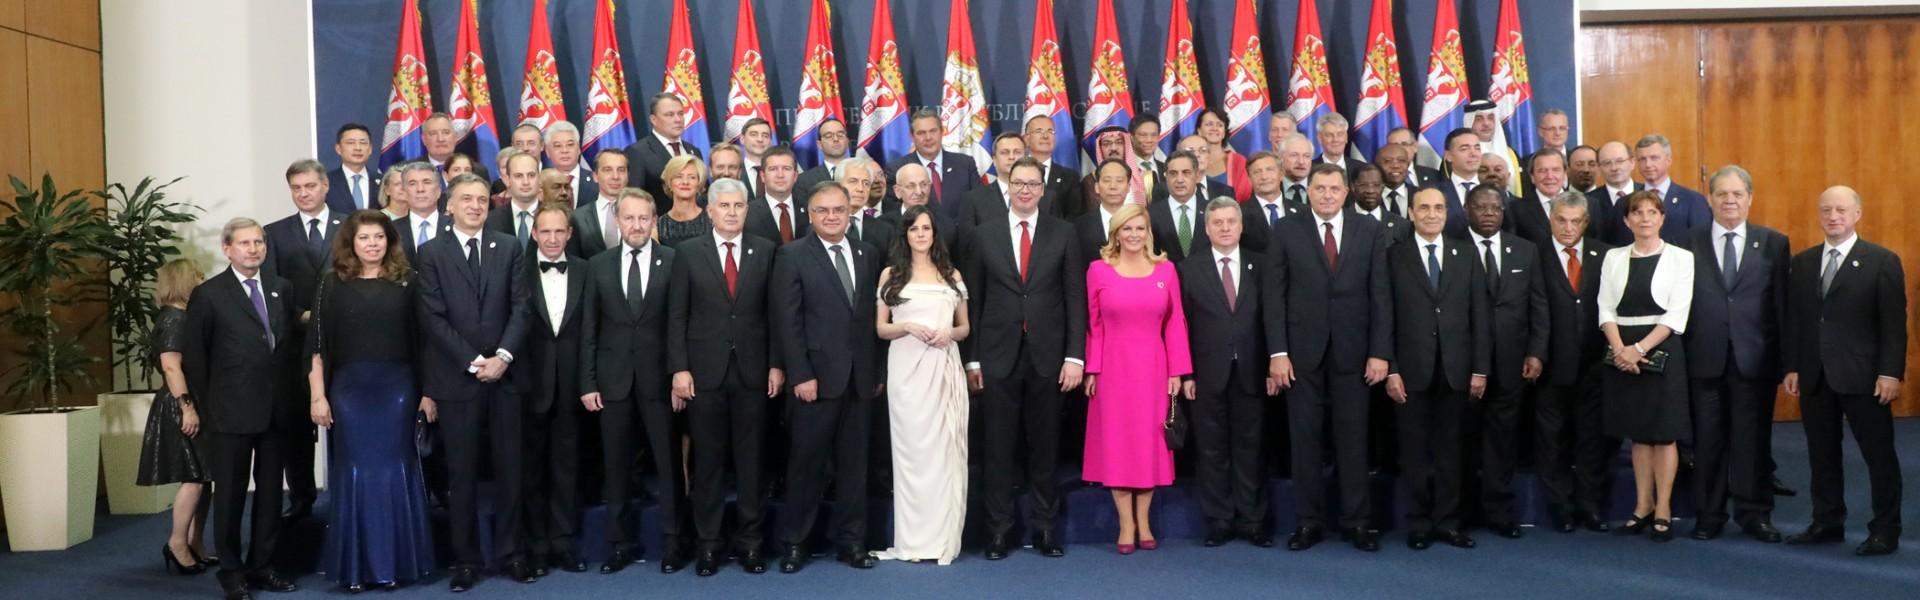 Свечаност поводом инаугурације Александра Вучића за председника Србије